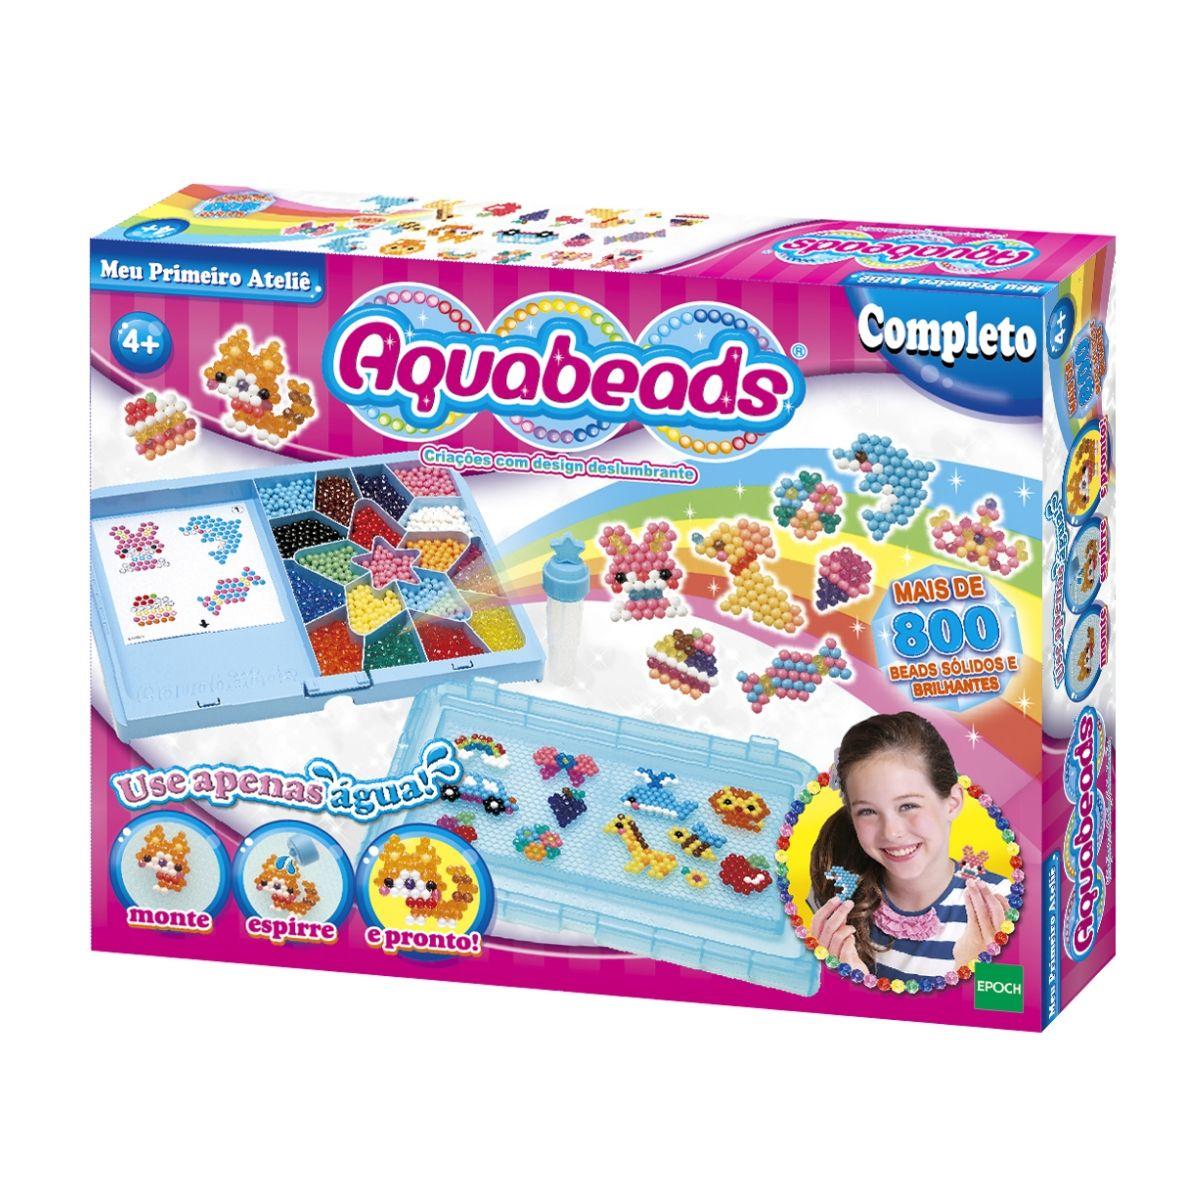 Kit Aquabeads com Meu Primeiro Atelie + Refil Cristal Charm  - Game Land Brinquedos